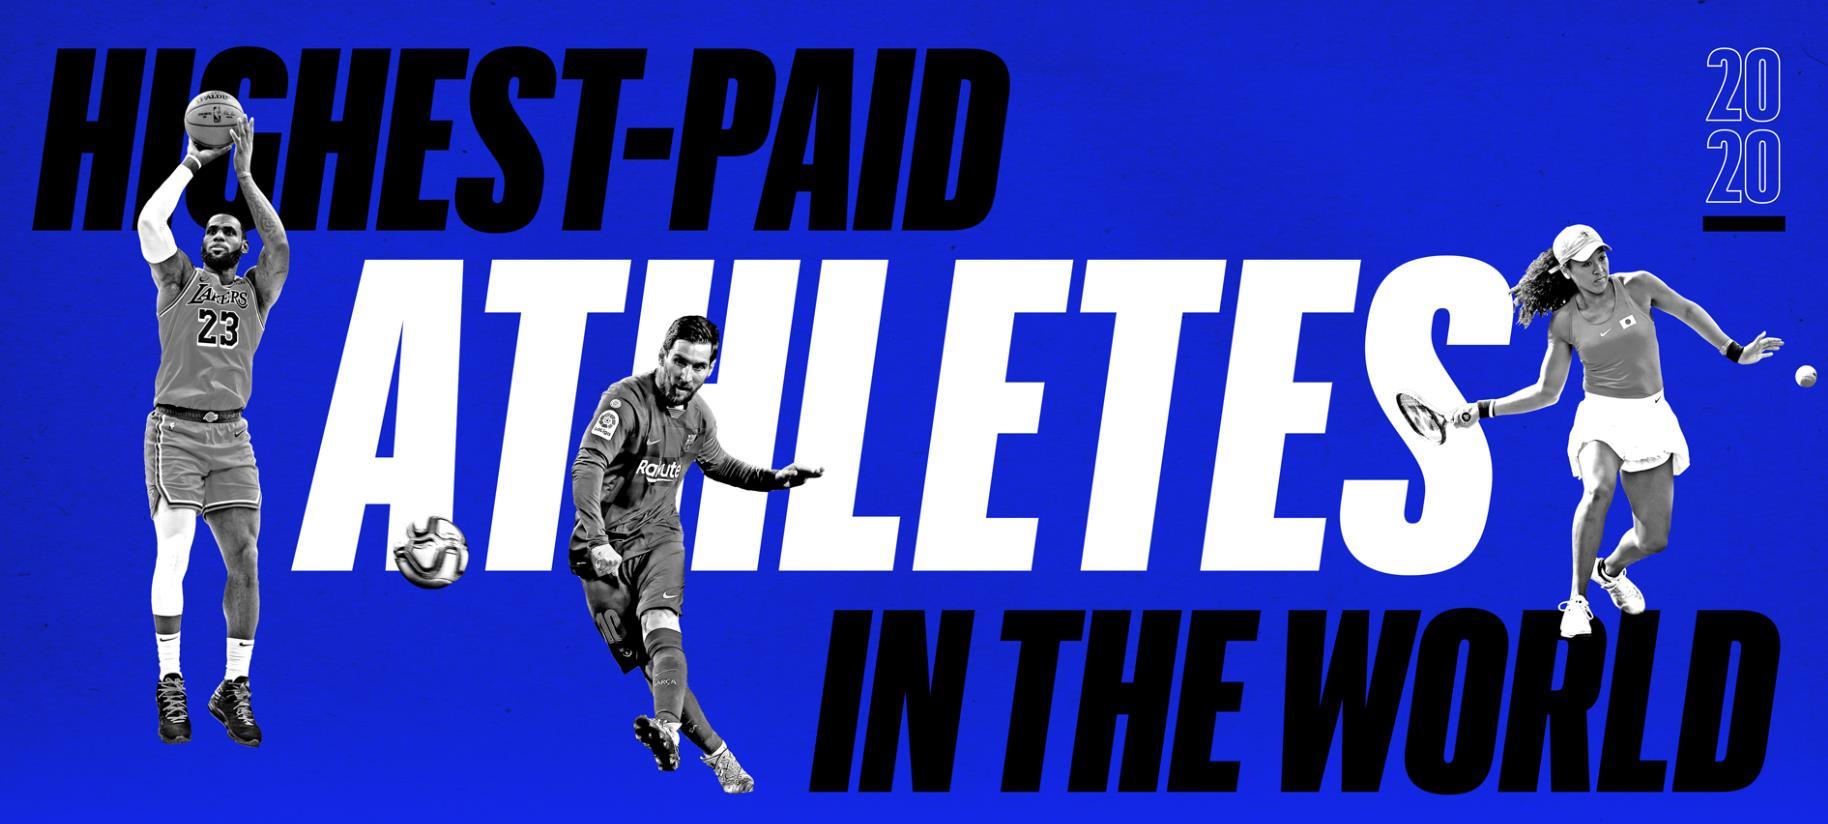 Classifica Forbes degli Atleti più pagati - Federer Re tra i Giganti